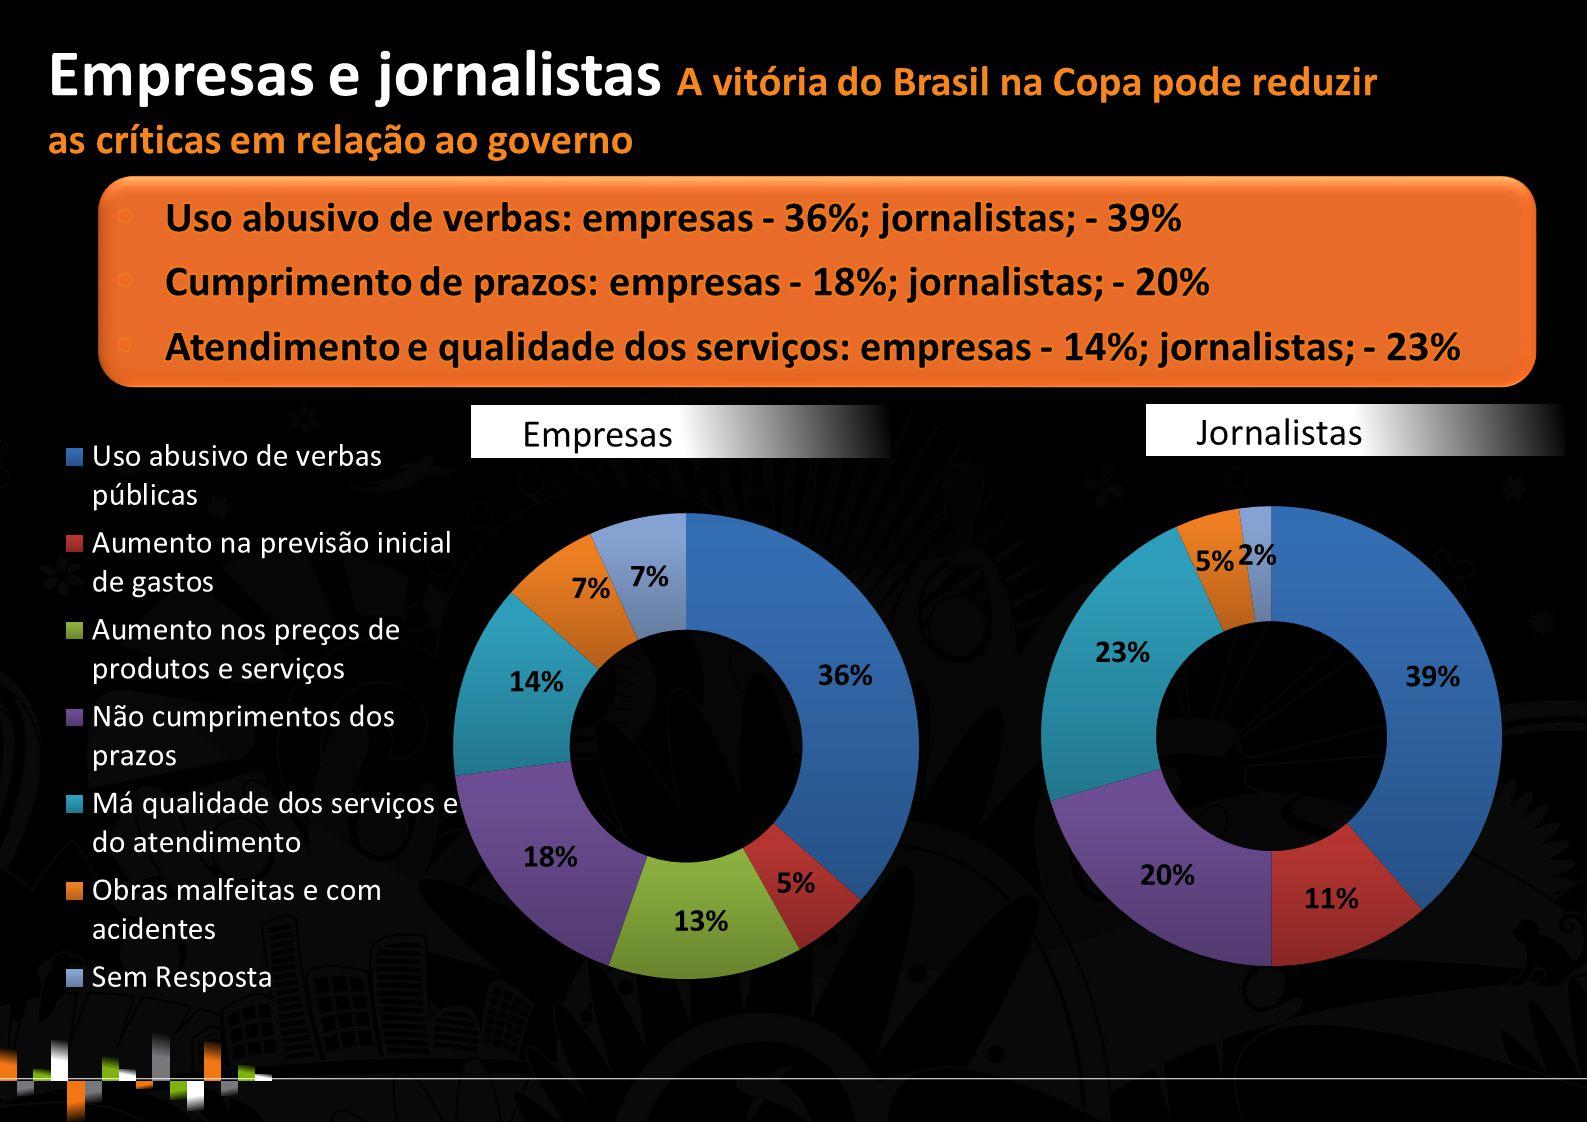 Empresas e jornalistas A vitória do Brasil na Copa pode reduzir as críticas em relação ao governo Empresas Jornalistas